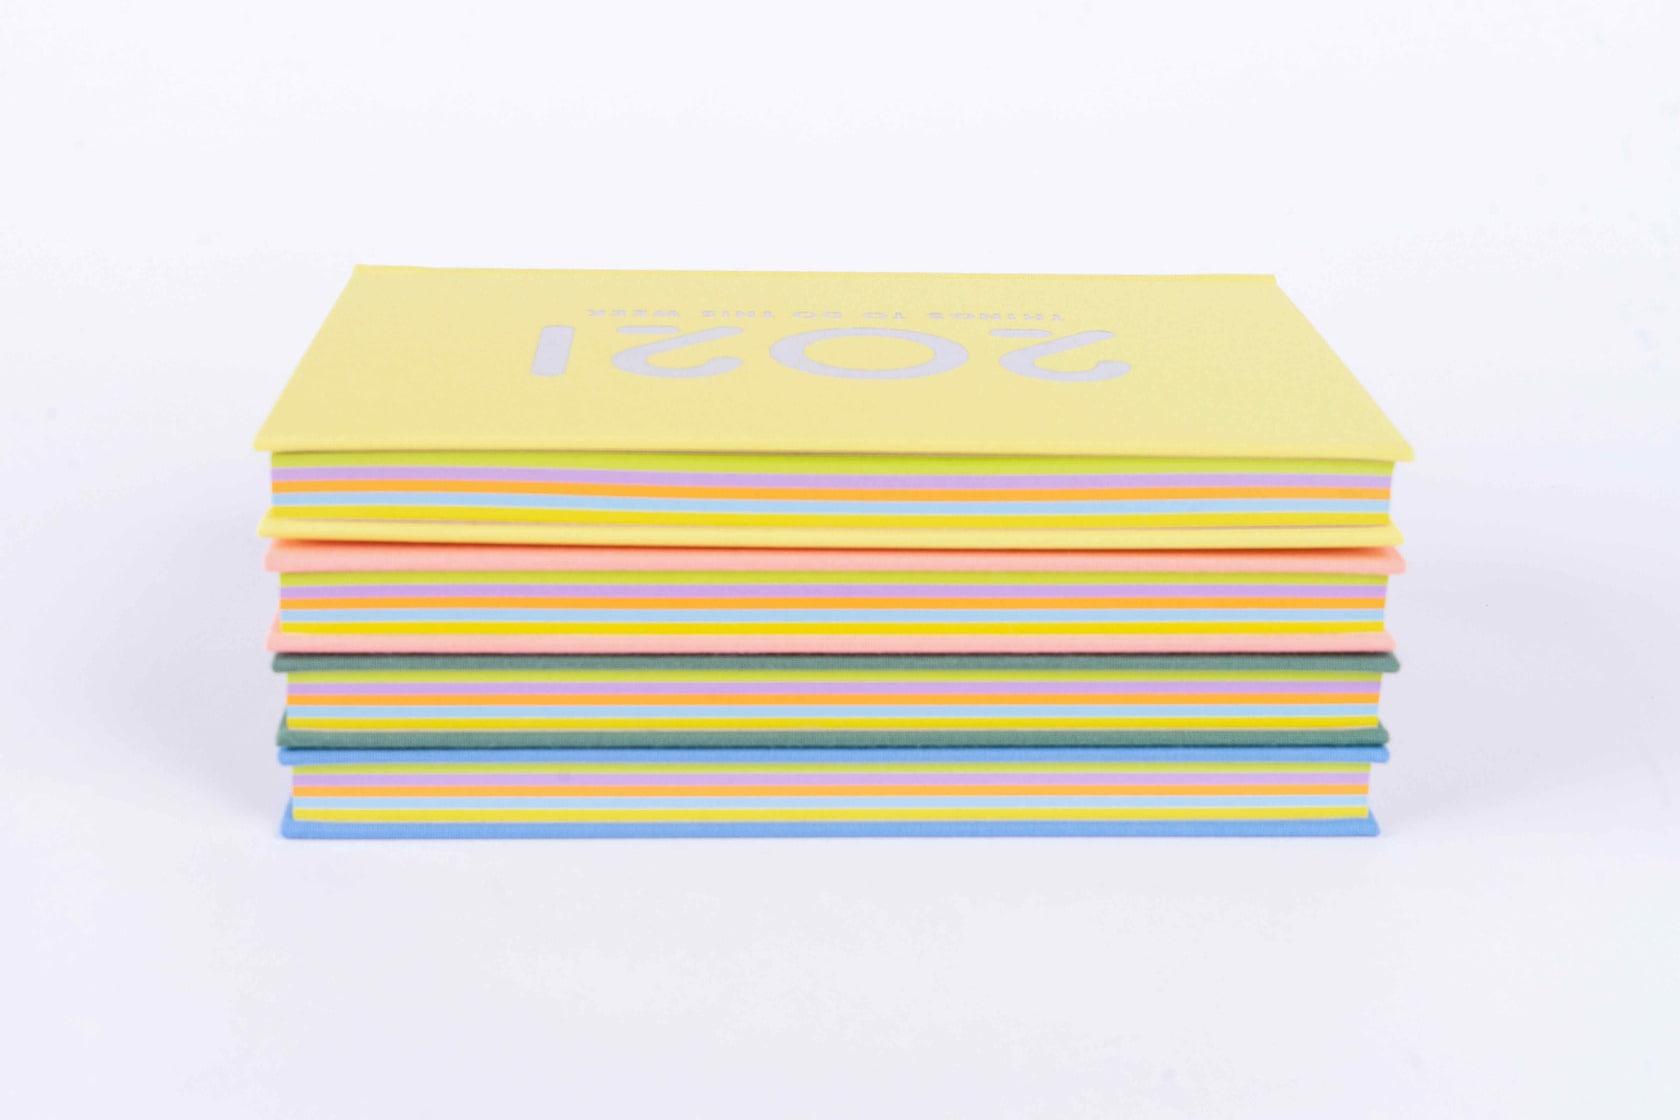 石田製本のboocoダイアリー4冊を積む,スケジュール帳のカラフルな本紙が見える状態